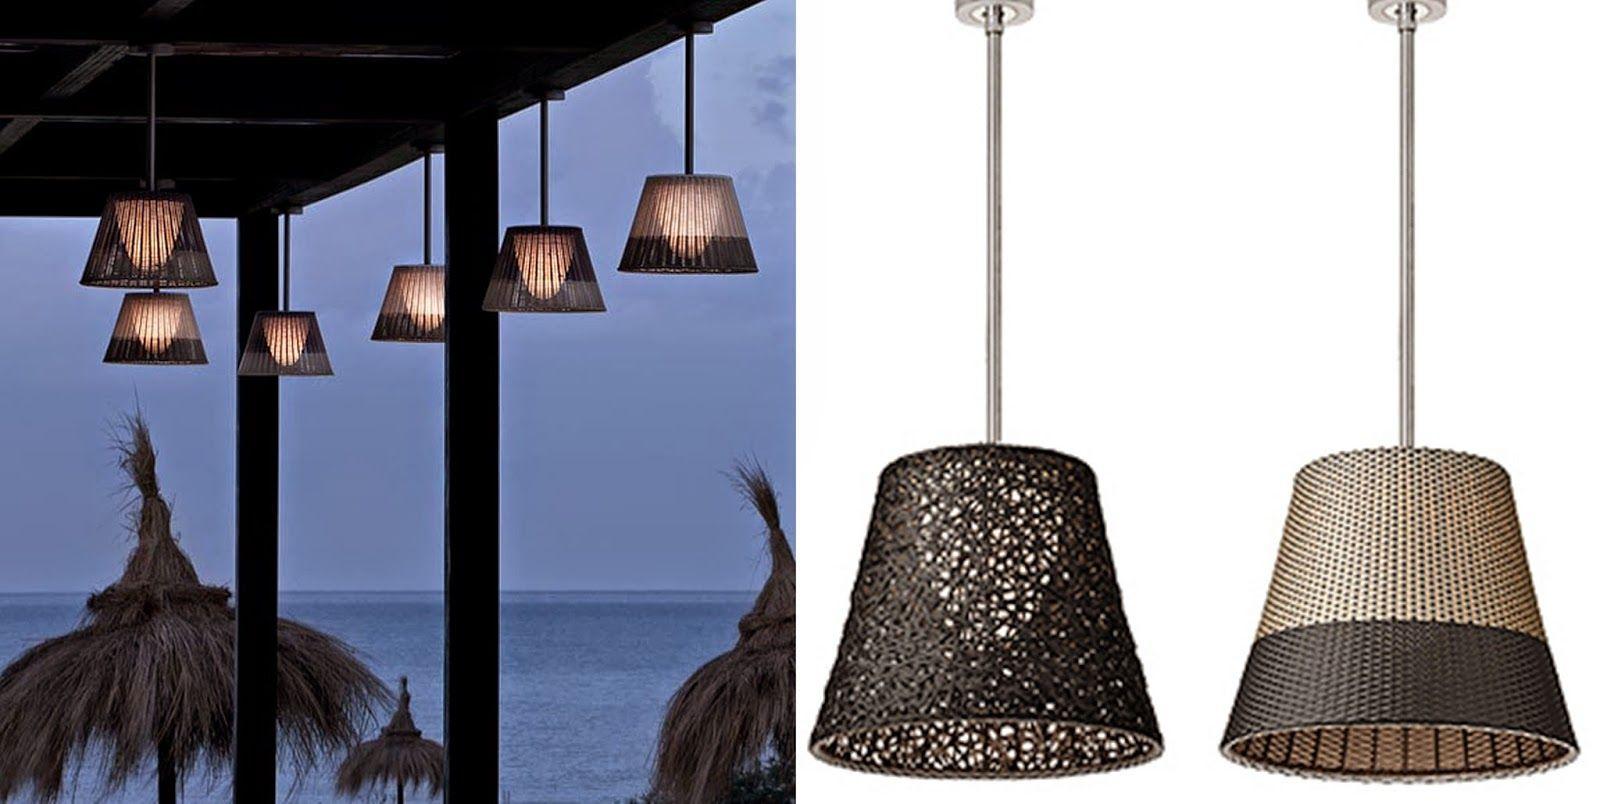 Lampade Esterno Ikea   Ikea Mobili lavelli illuminazione casa esterno.